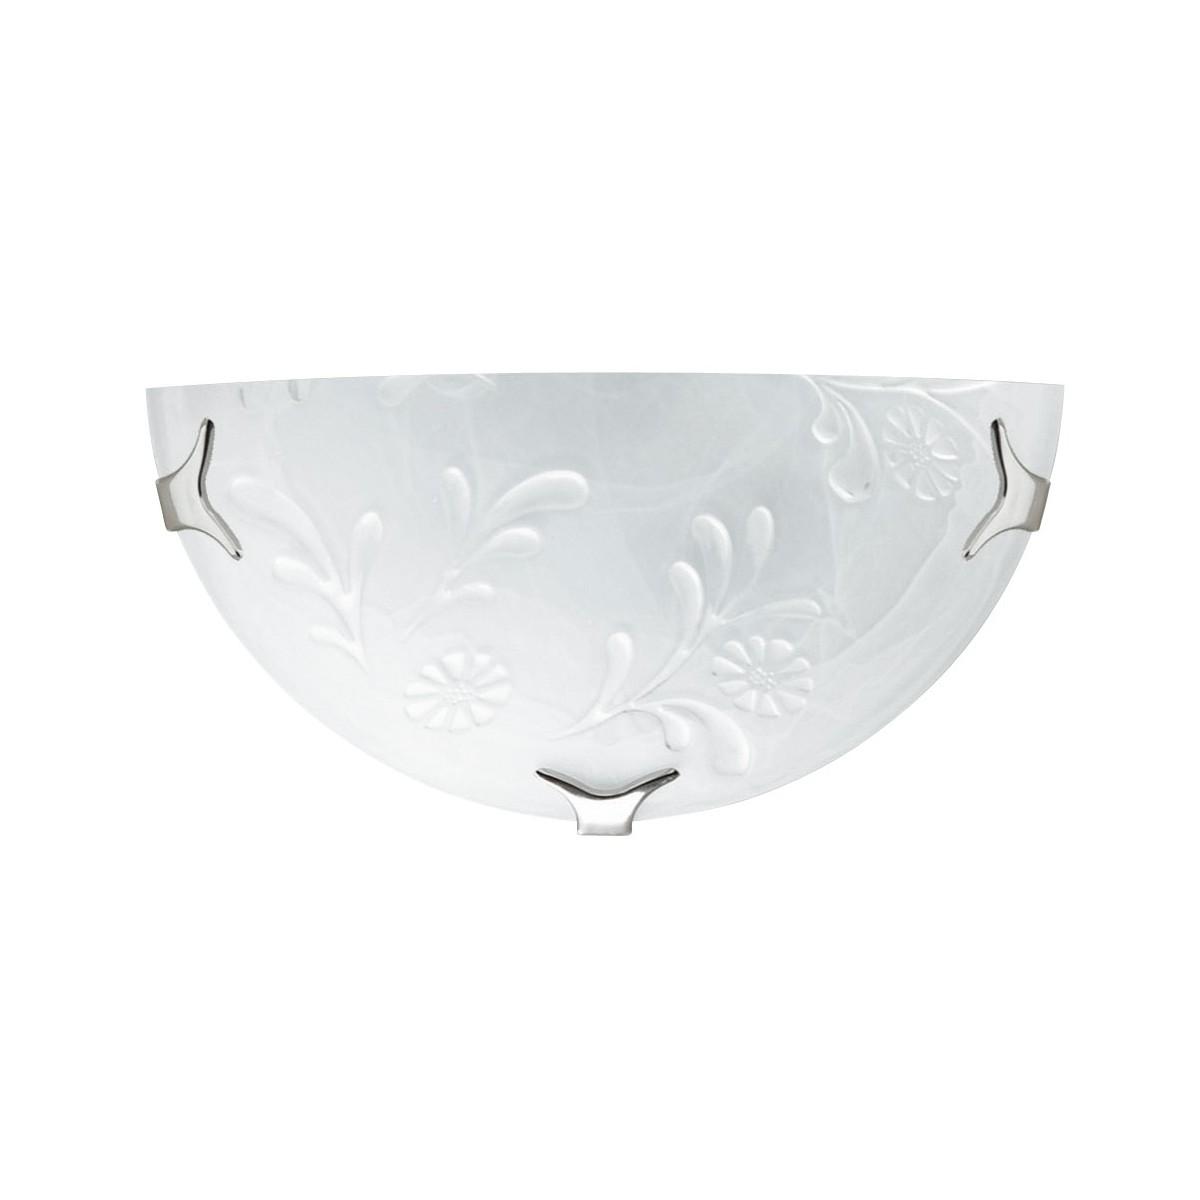 206/02800 - Applique Classique Lunette Blanche Verre Albâtre Floral Décoration Murale Blanche E27